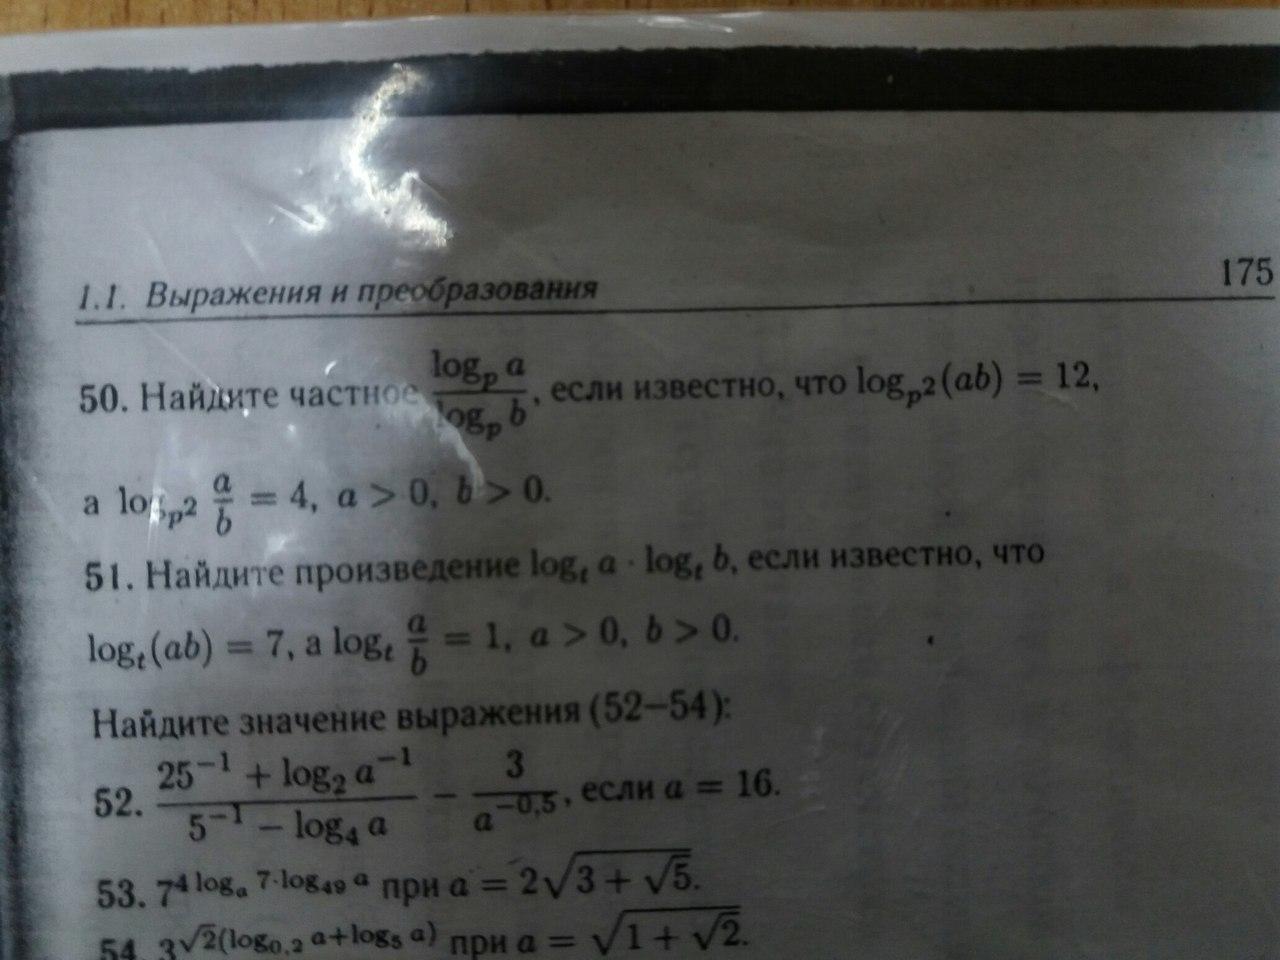 Помогите с Алгеброй плиз максимум есть 1 час номер 50 нужно сделать и все